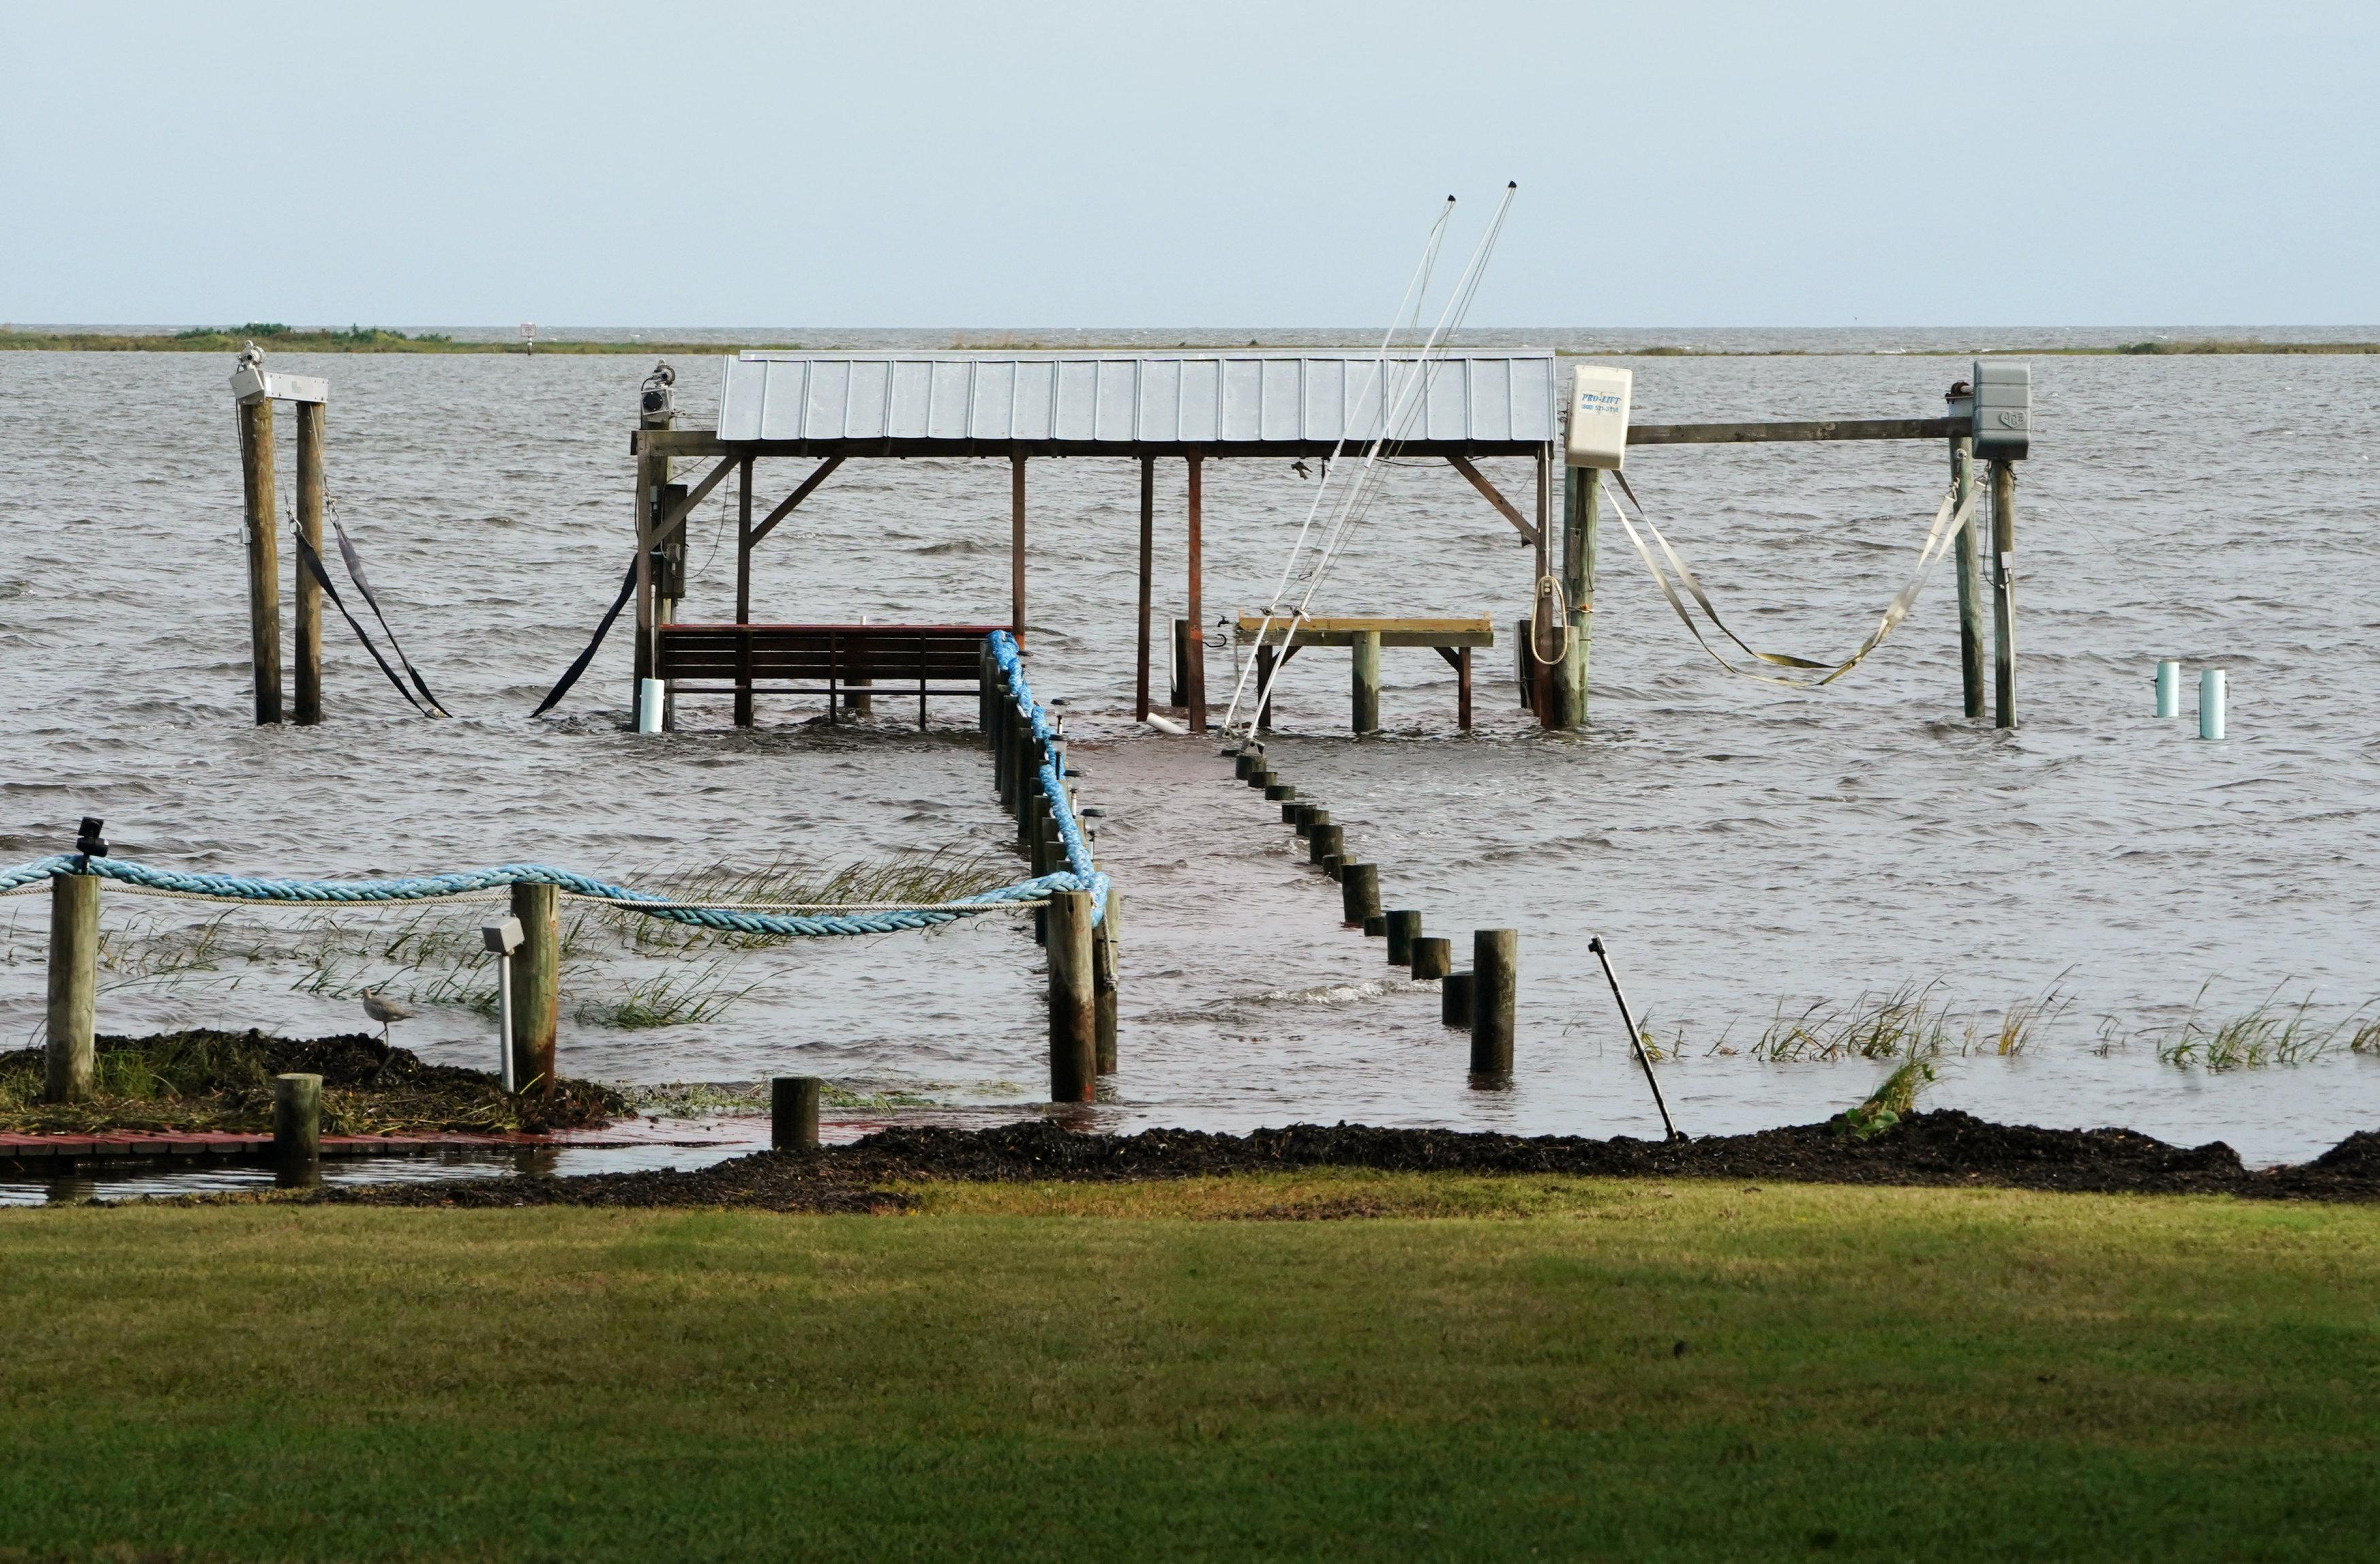 Un puente quedó bajo el agua ante el aumento del caudal en Carabelle, Florida